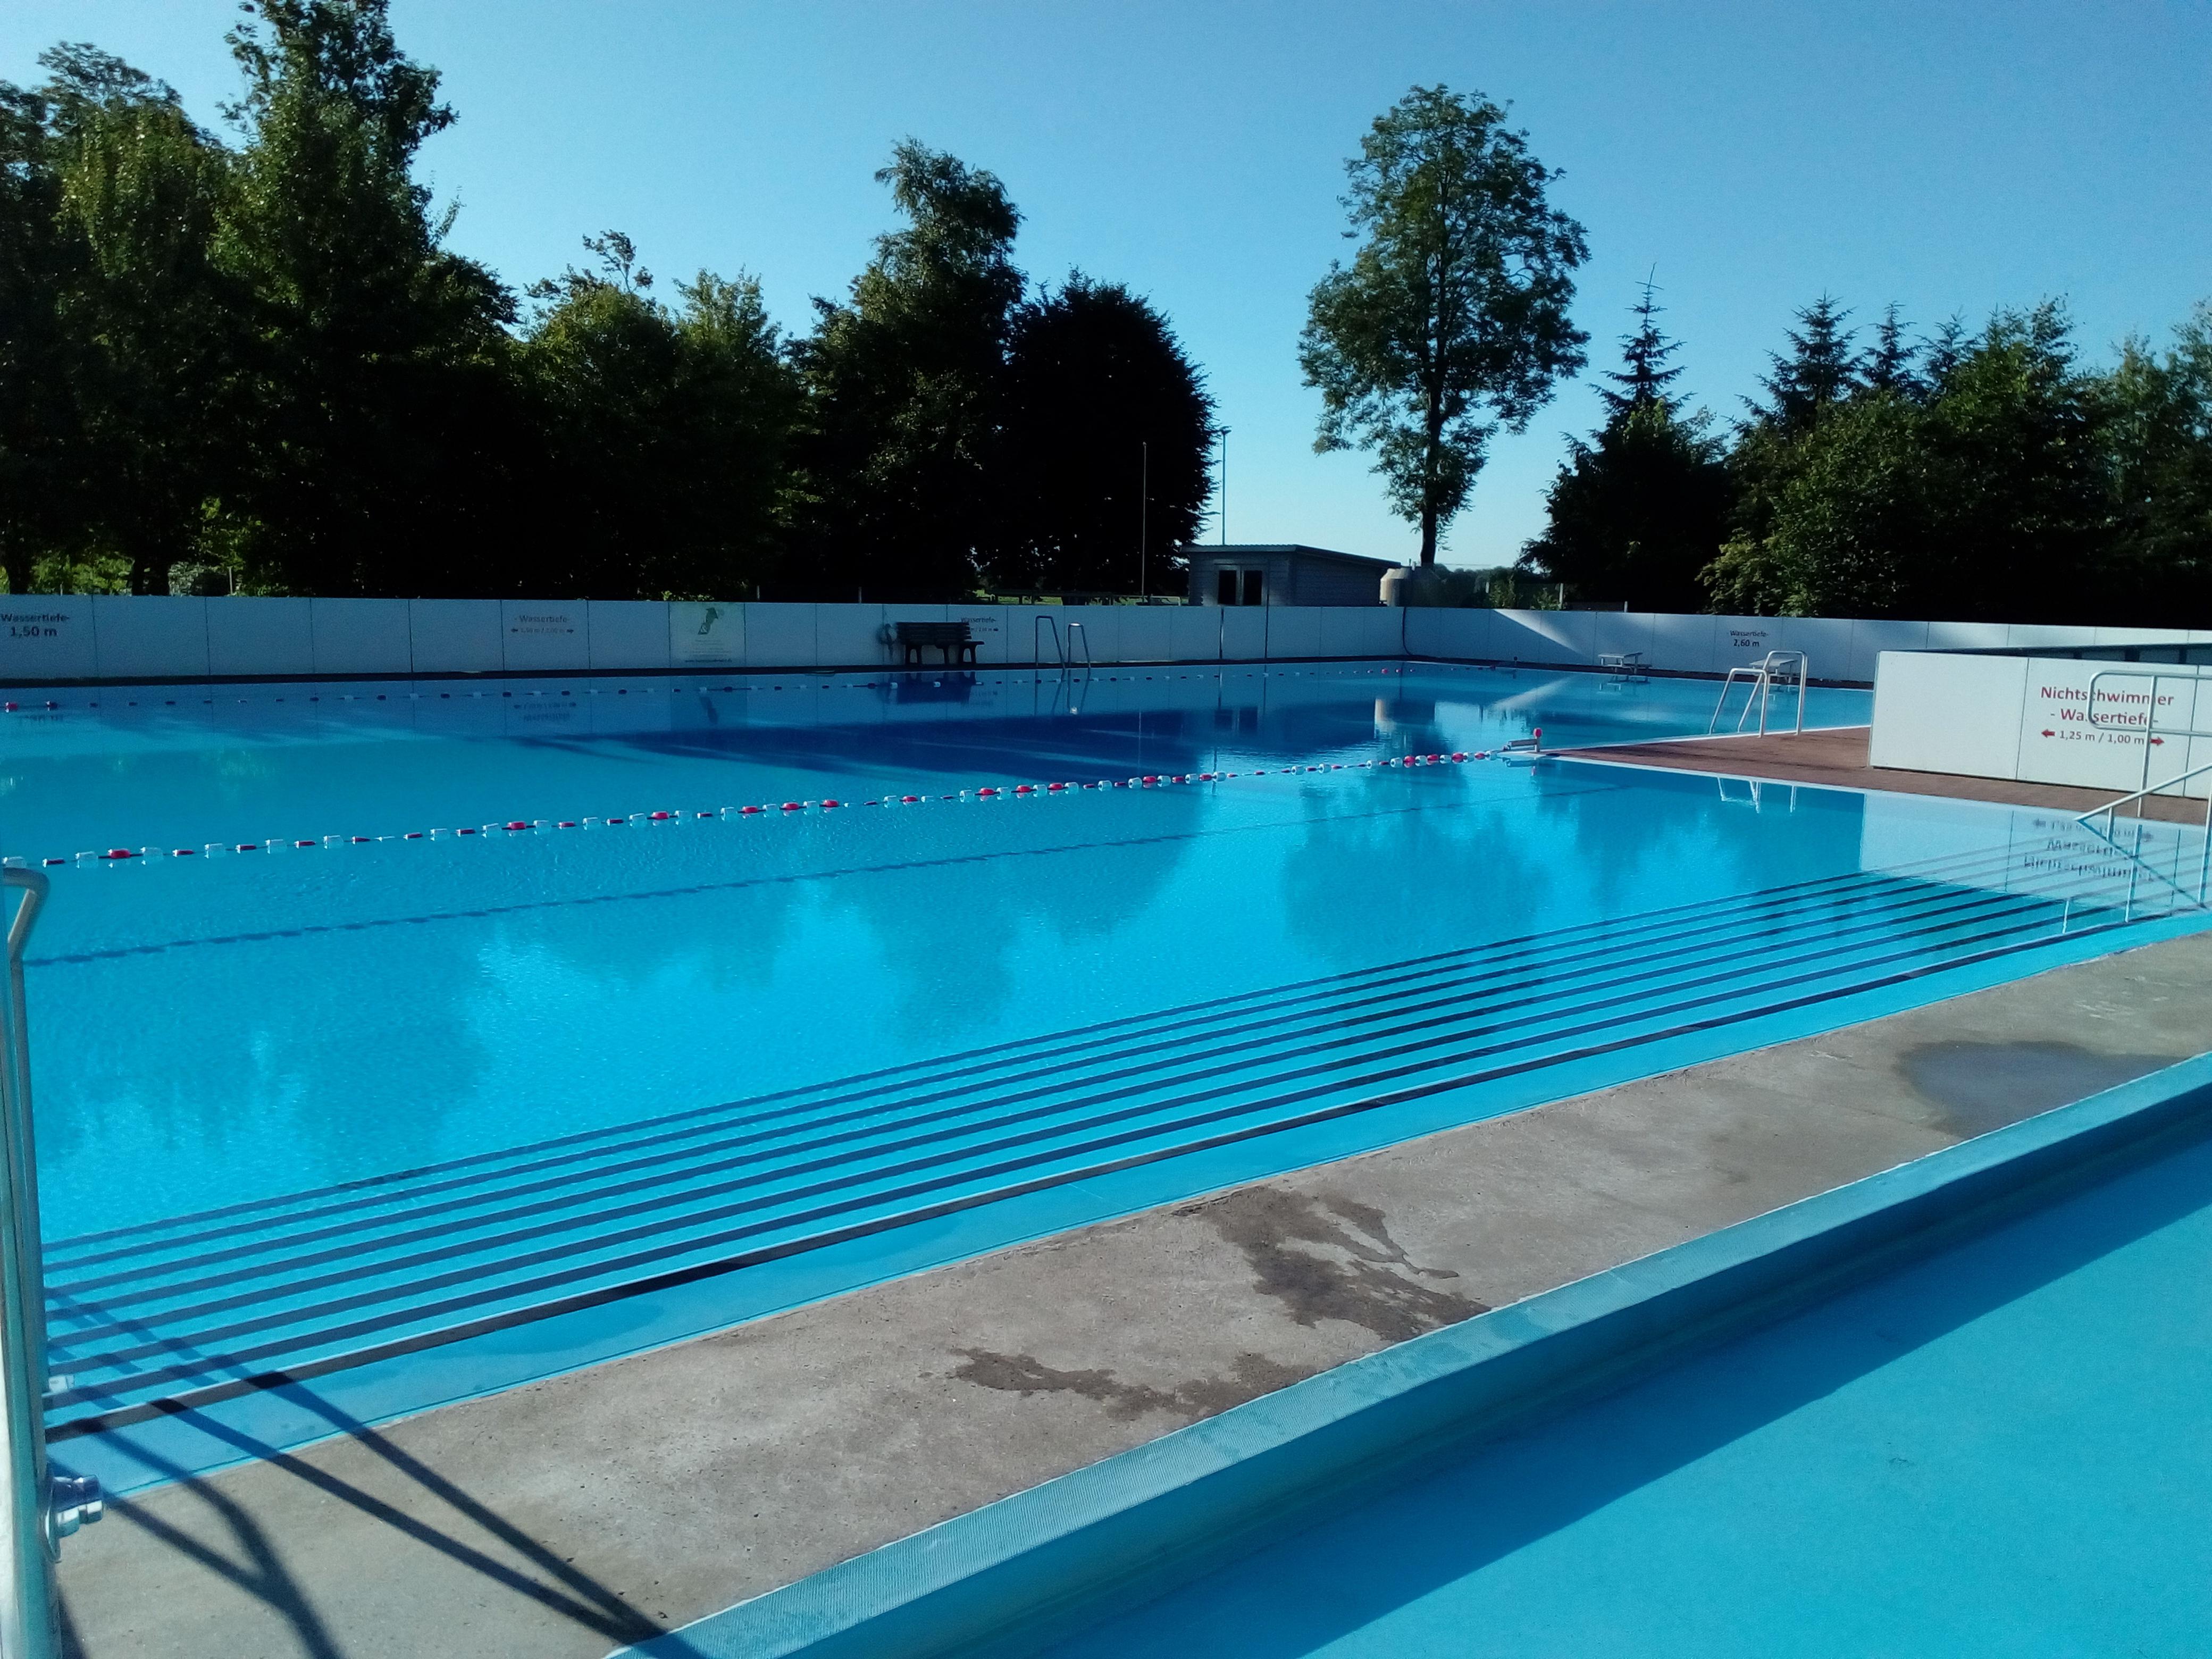 Ohrstedts schönes beheiztes Schwimmbad